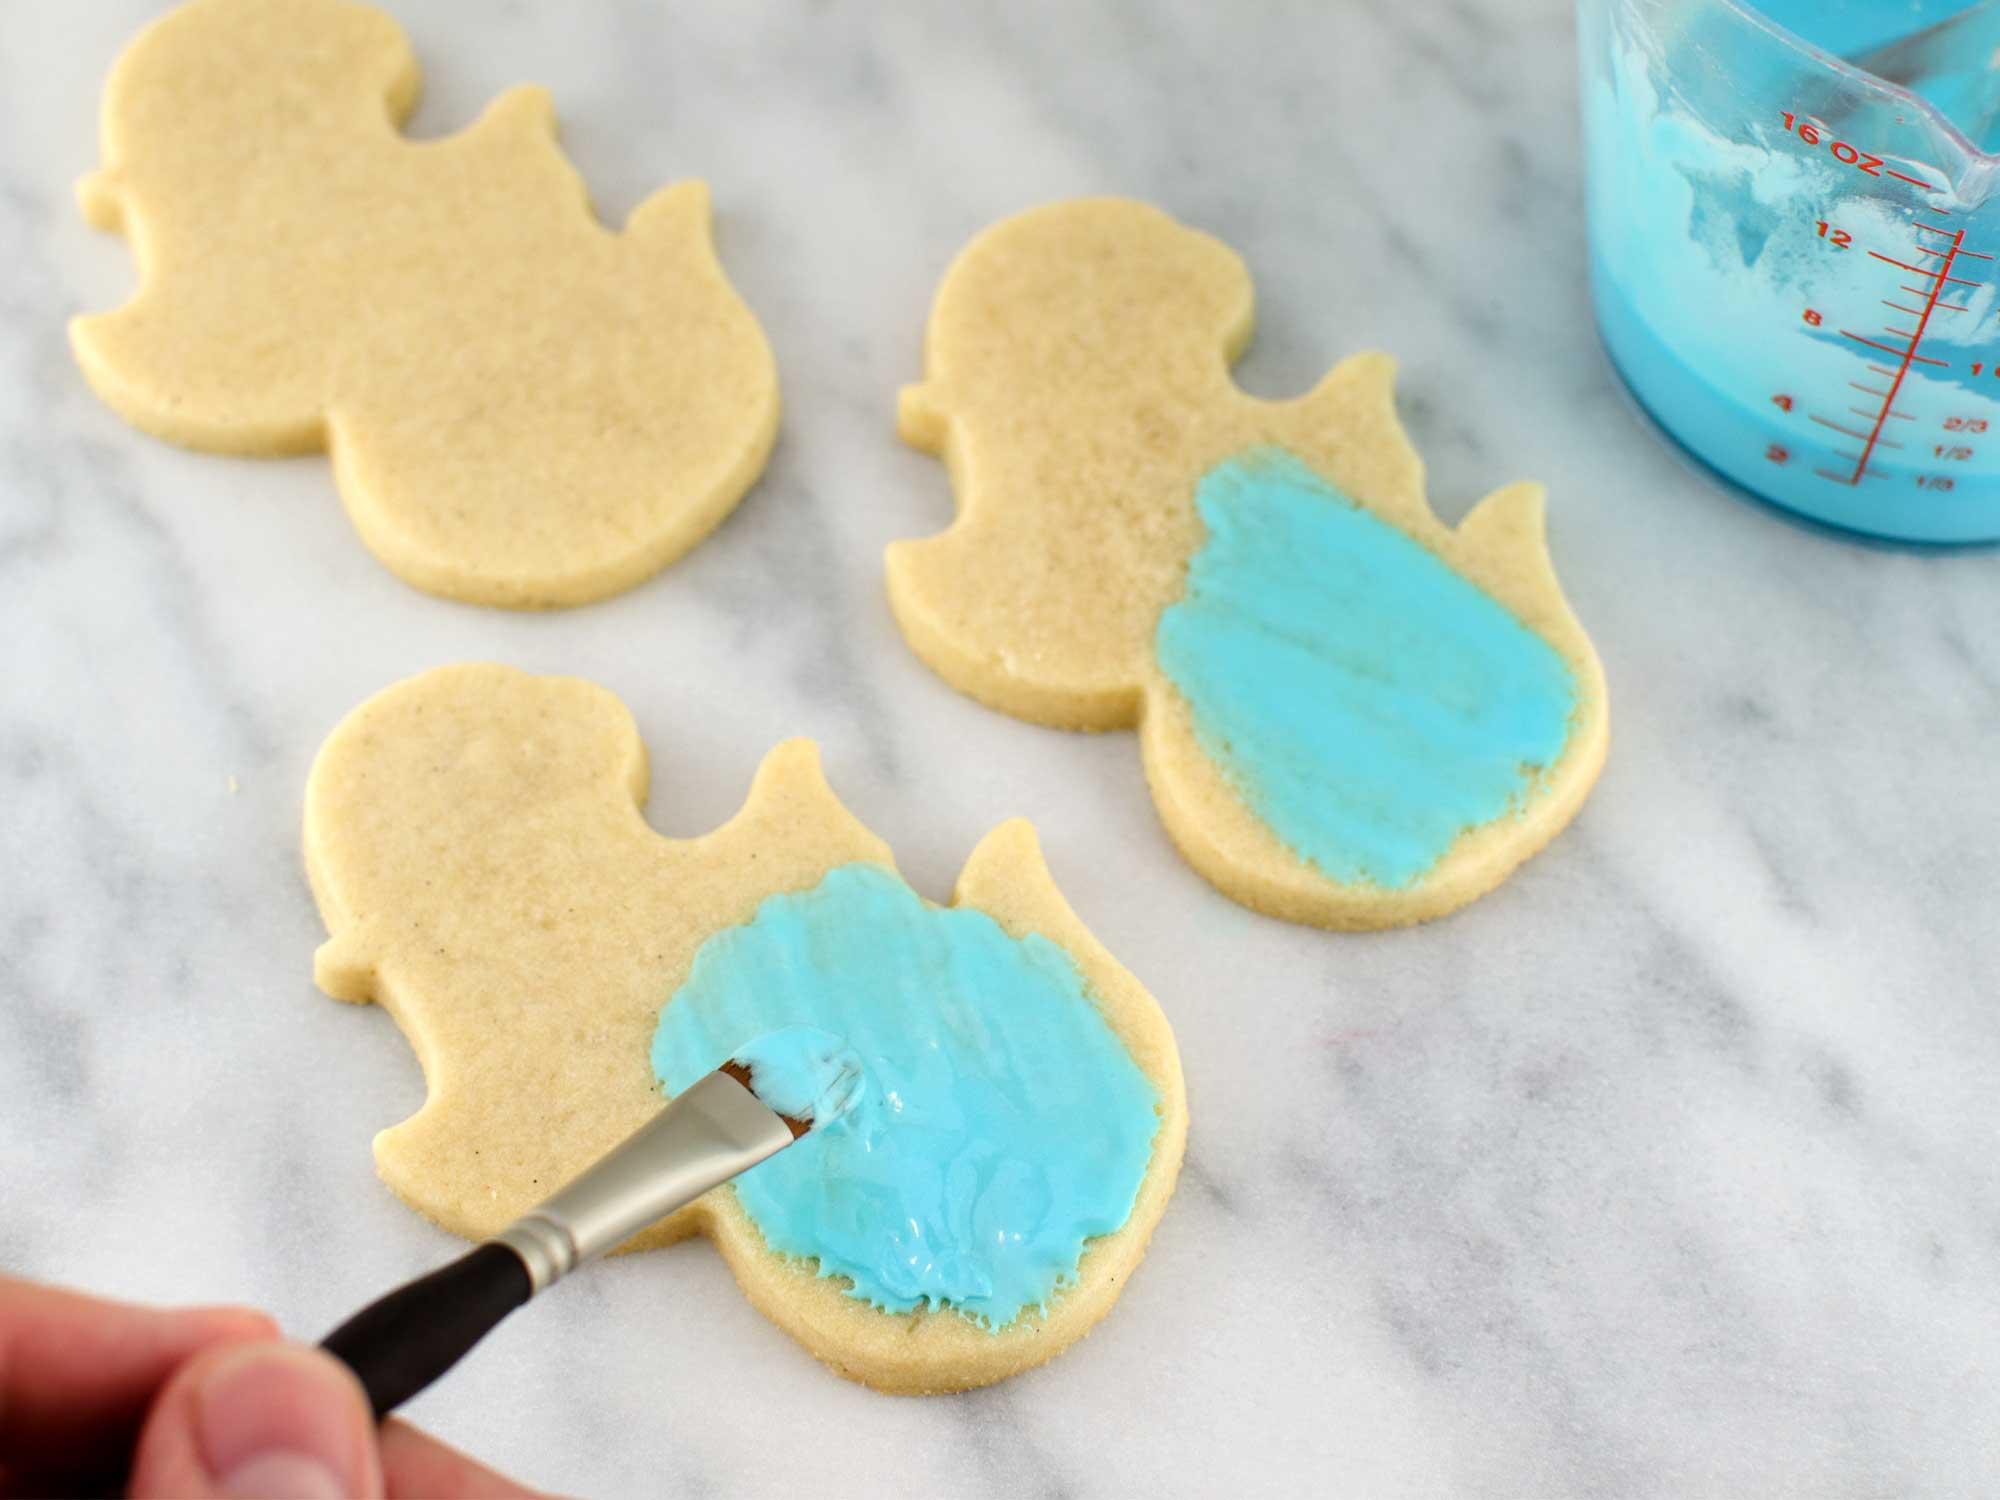 mermaid cookies step 1